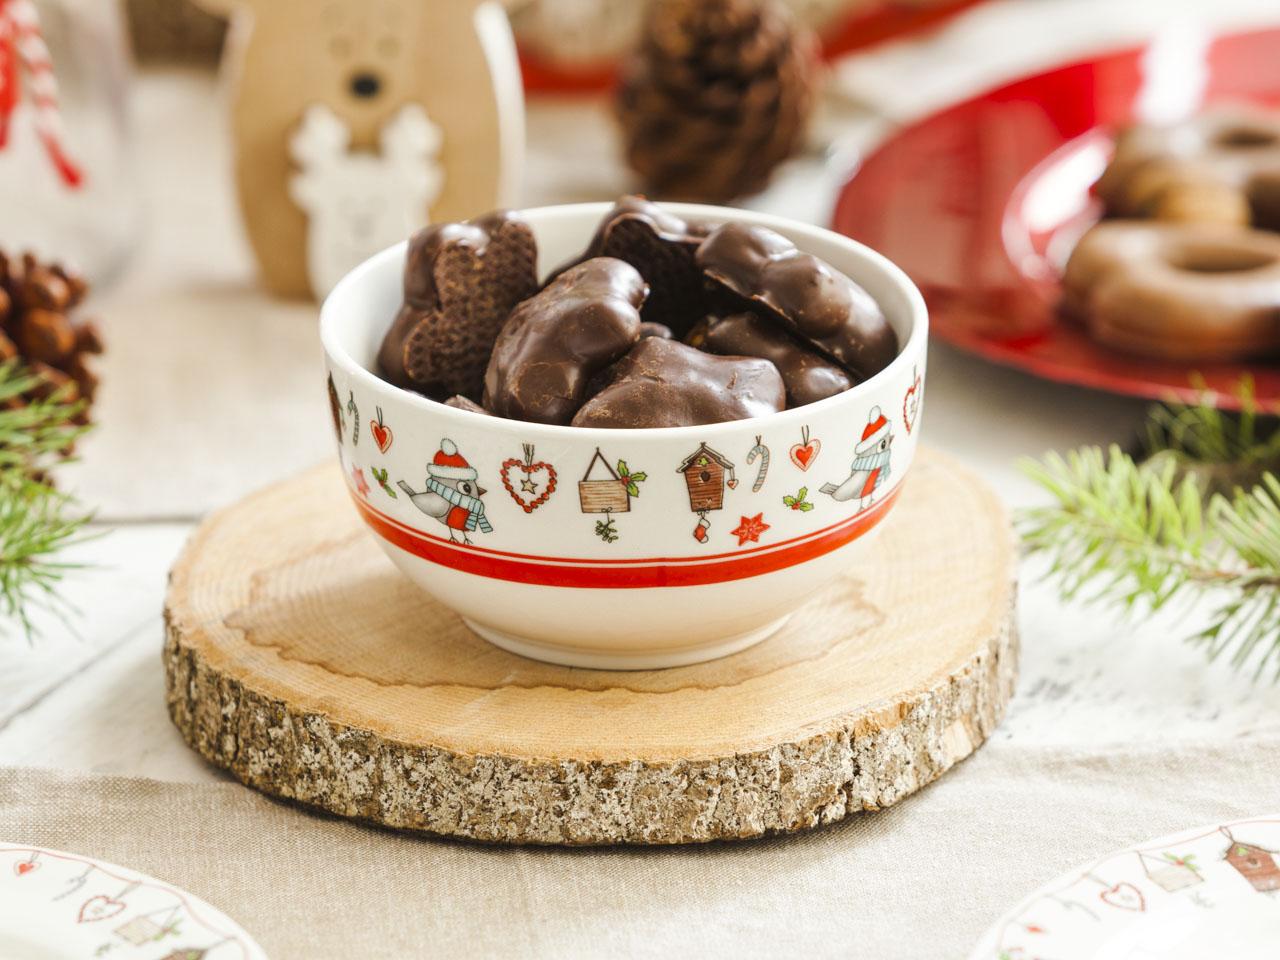 Salaterka / miseczka porcelanowa święta Boże Narodzenie Altom Design Holly 13 cm